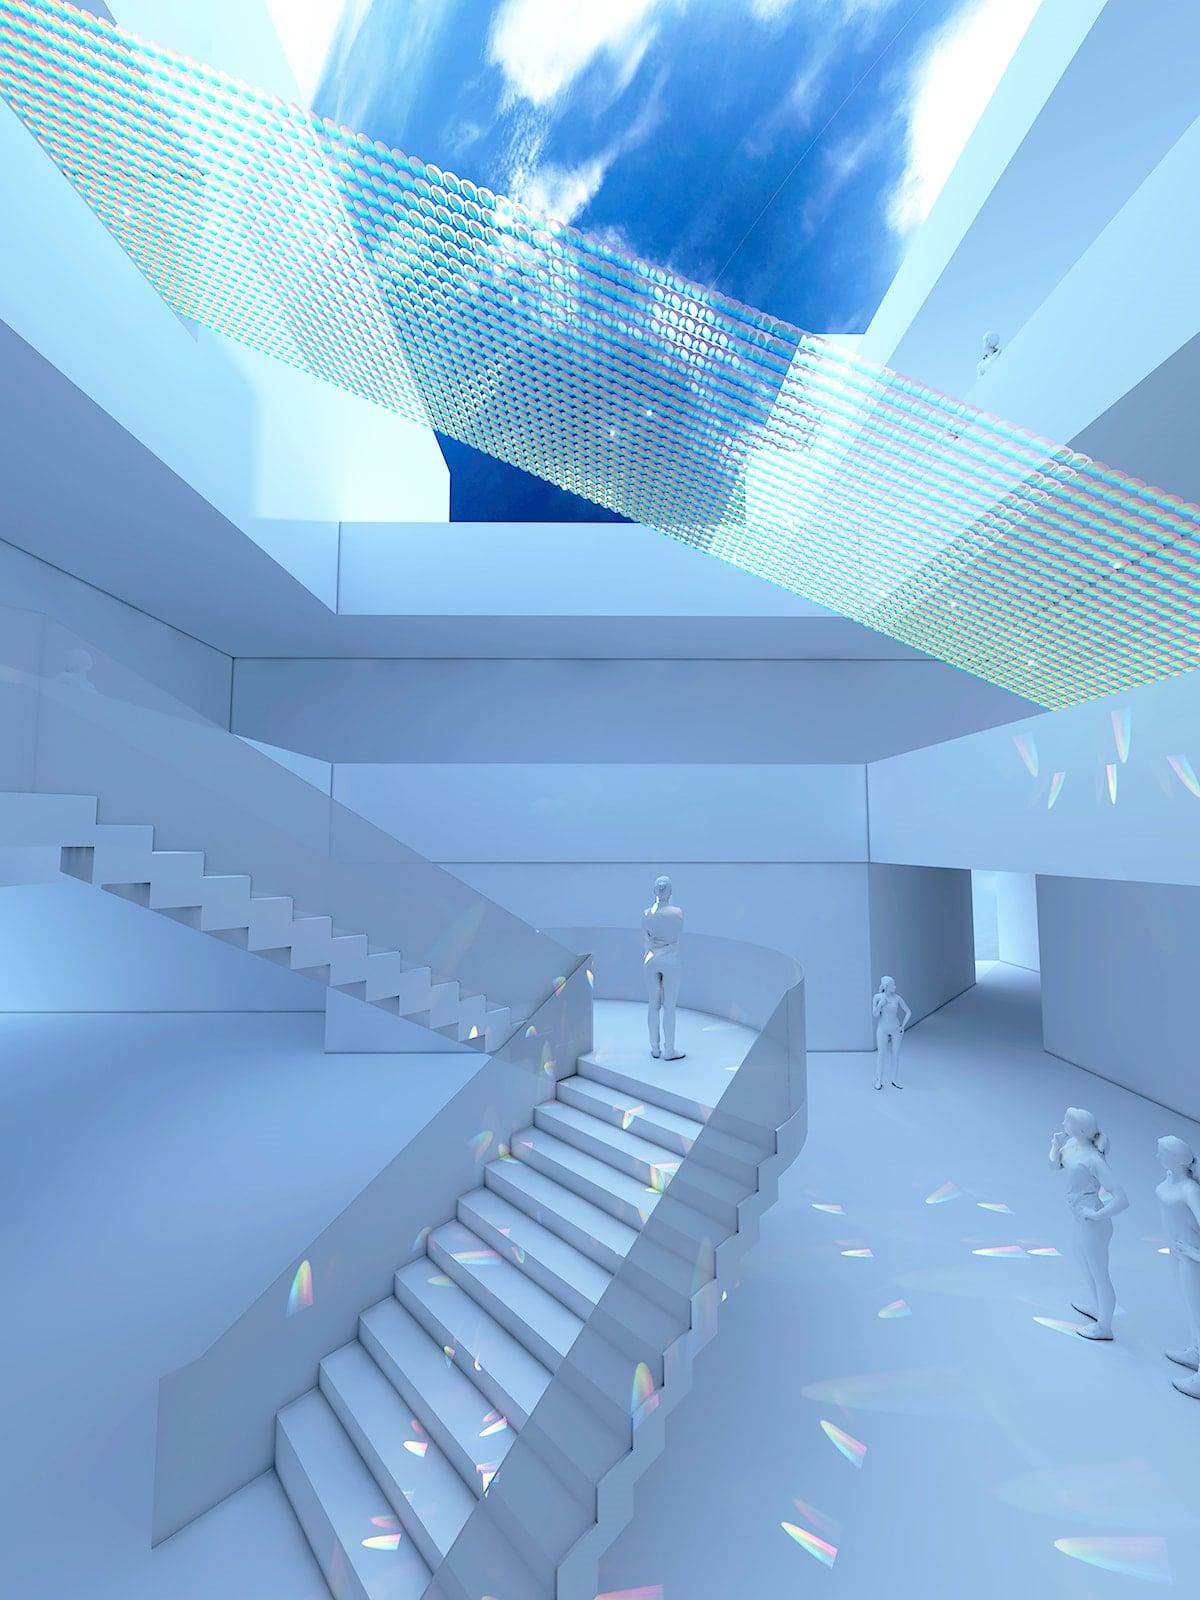 六本木・AXISビルの吹き抜けに展示される「HAKUTEN CREATIVE」